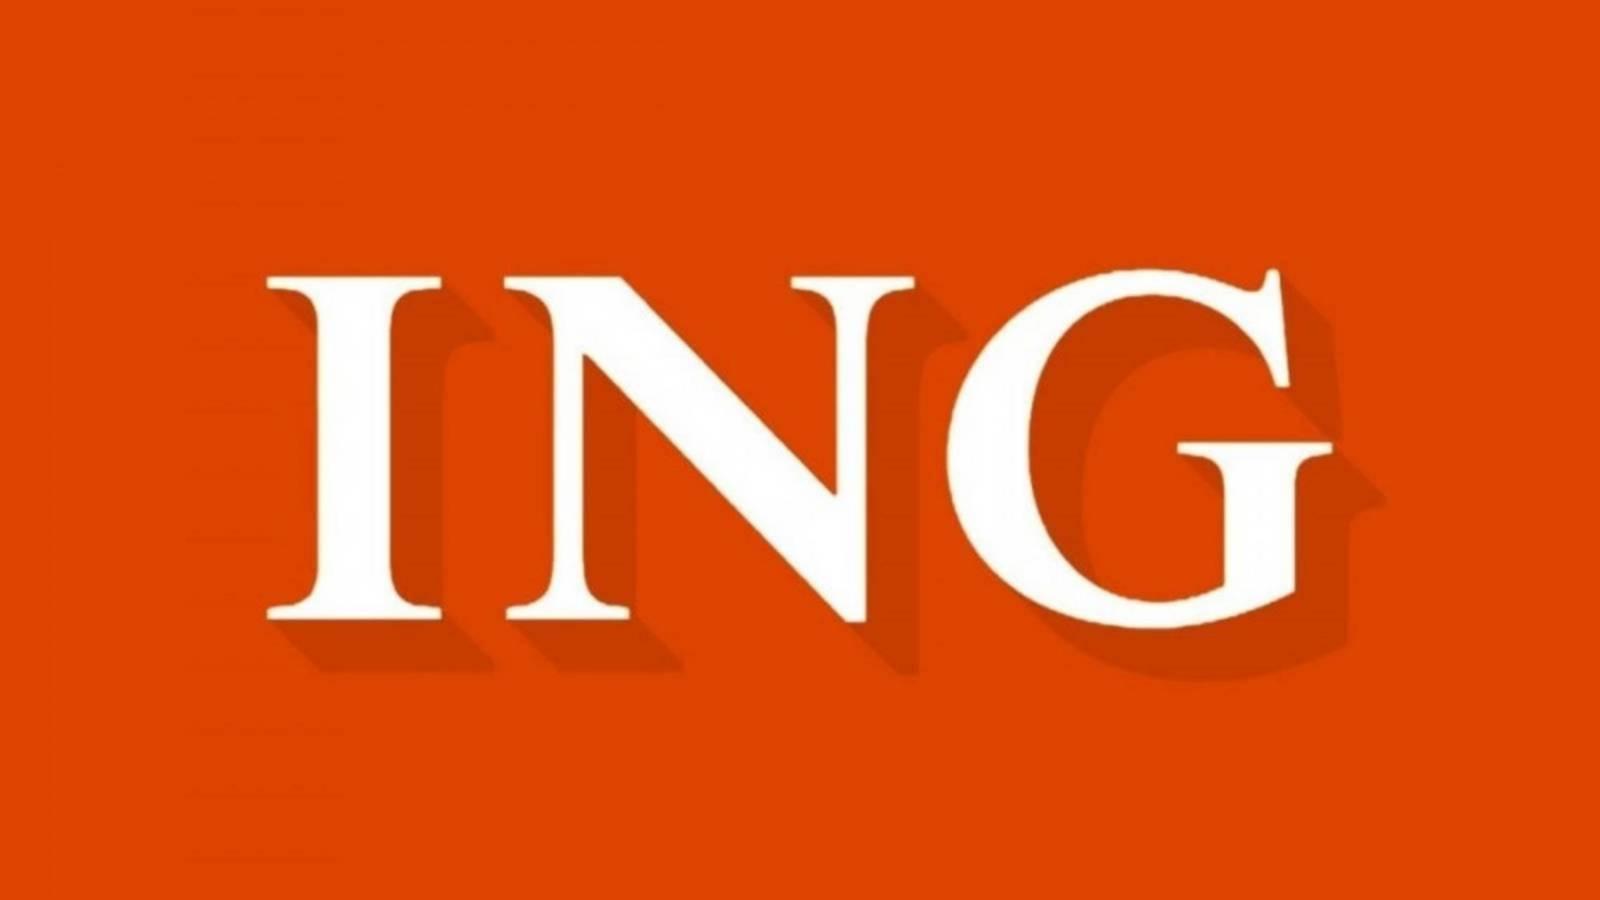 ING Bank ultimatum